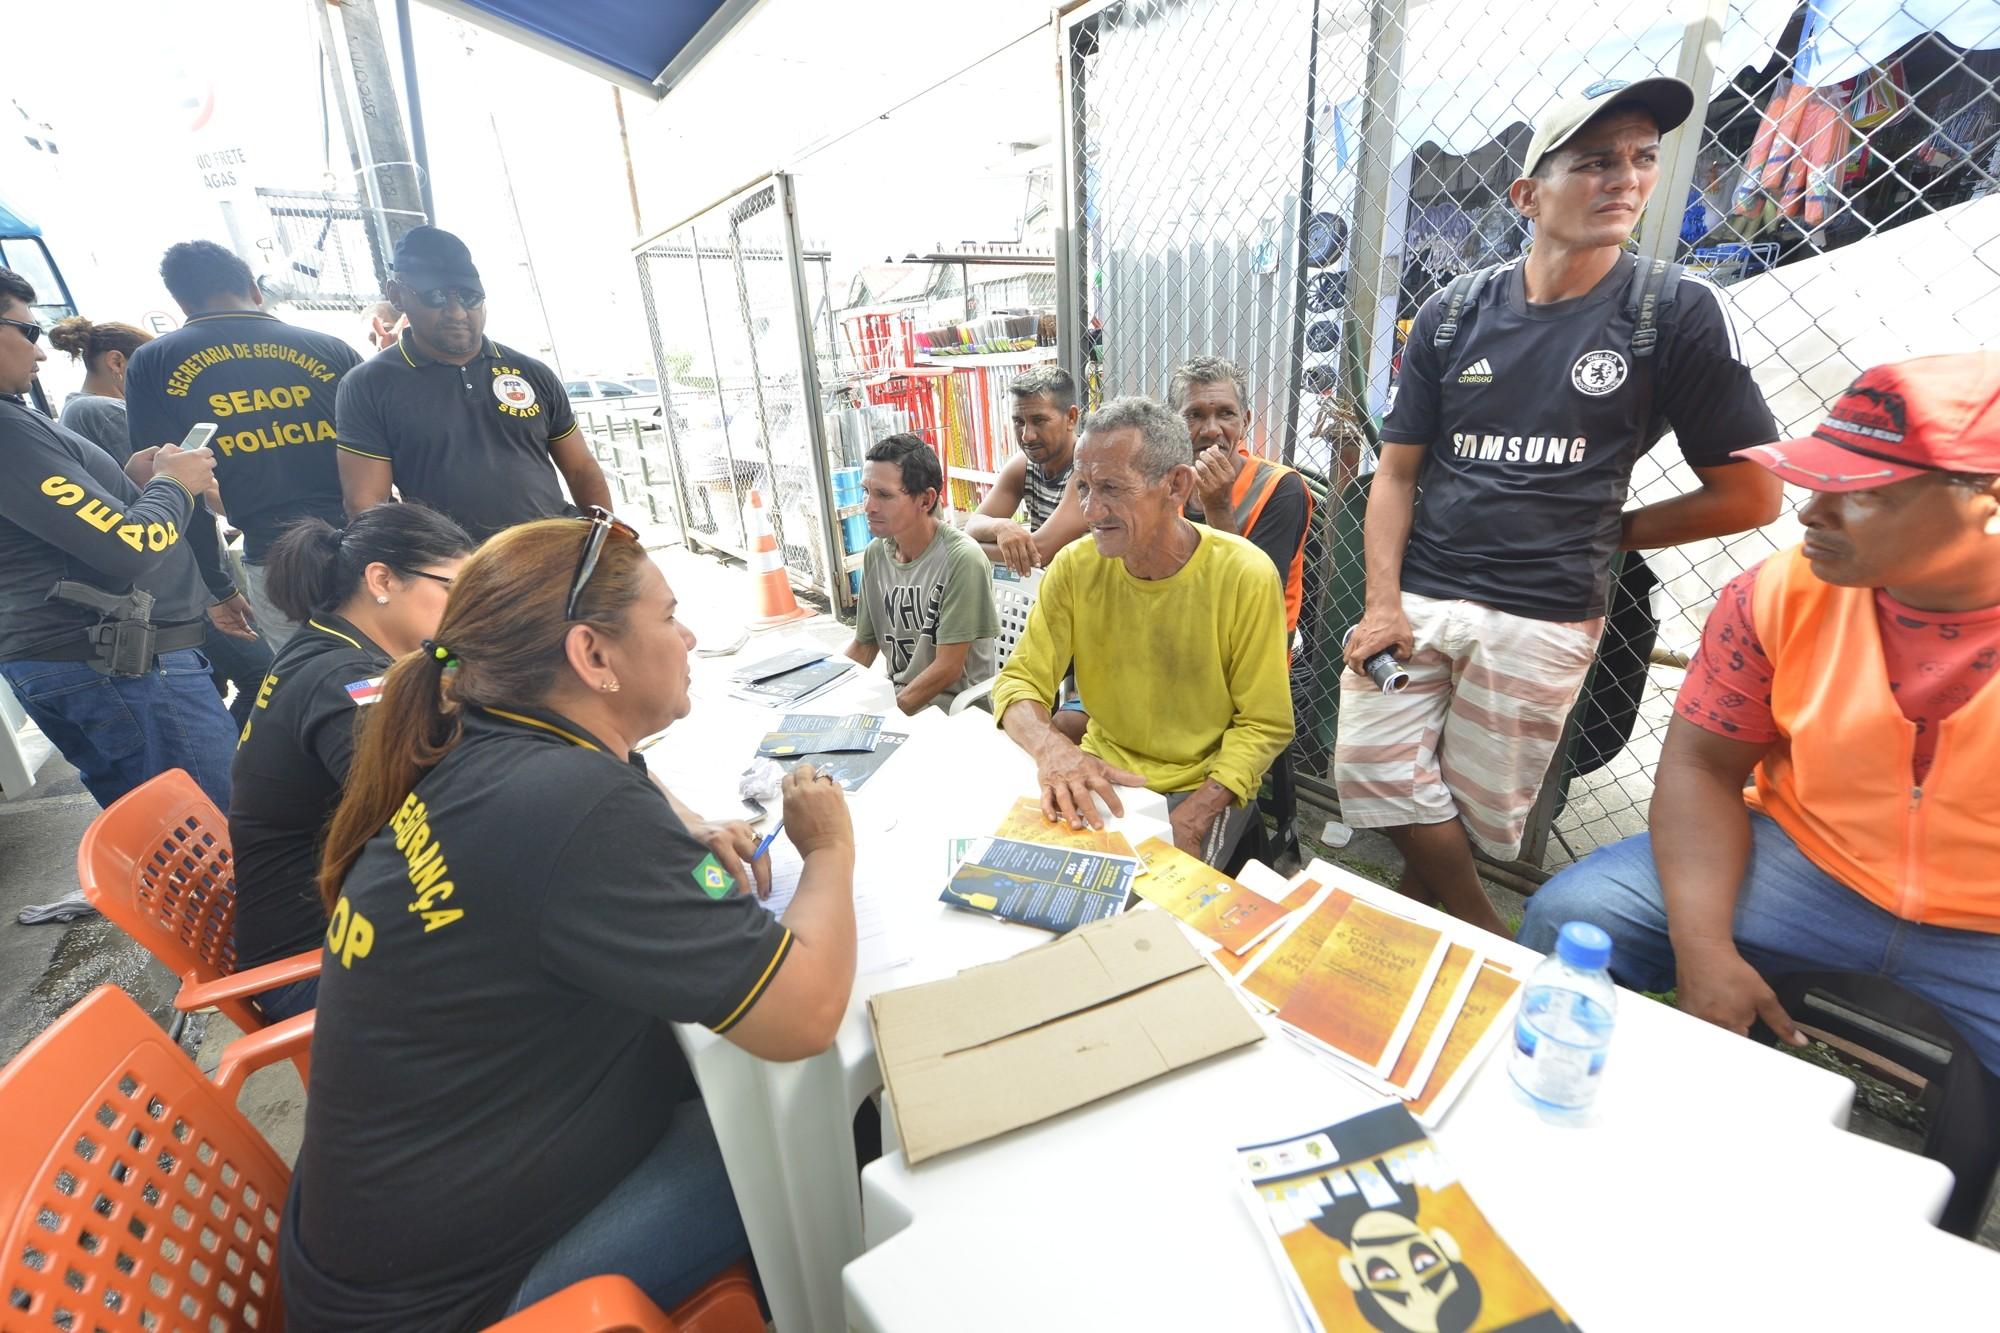 Seis são presos durante operação de segurança na Manaus Moderna